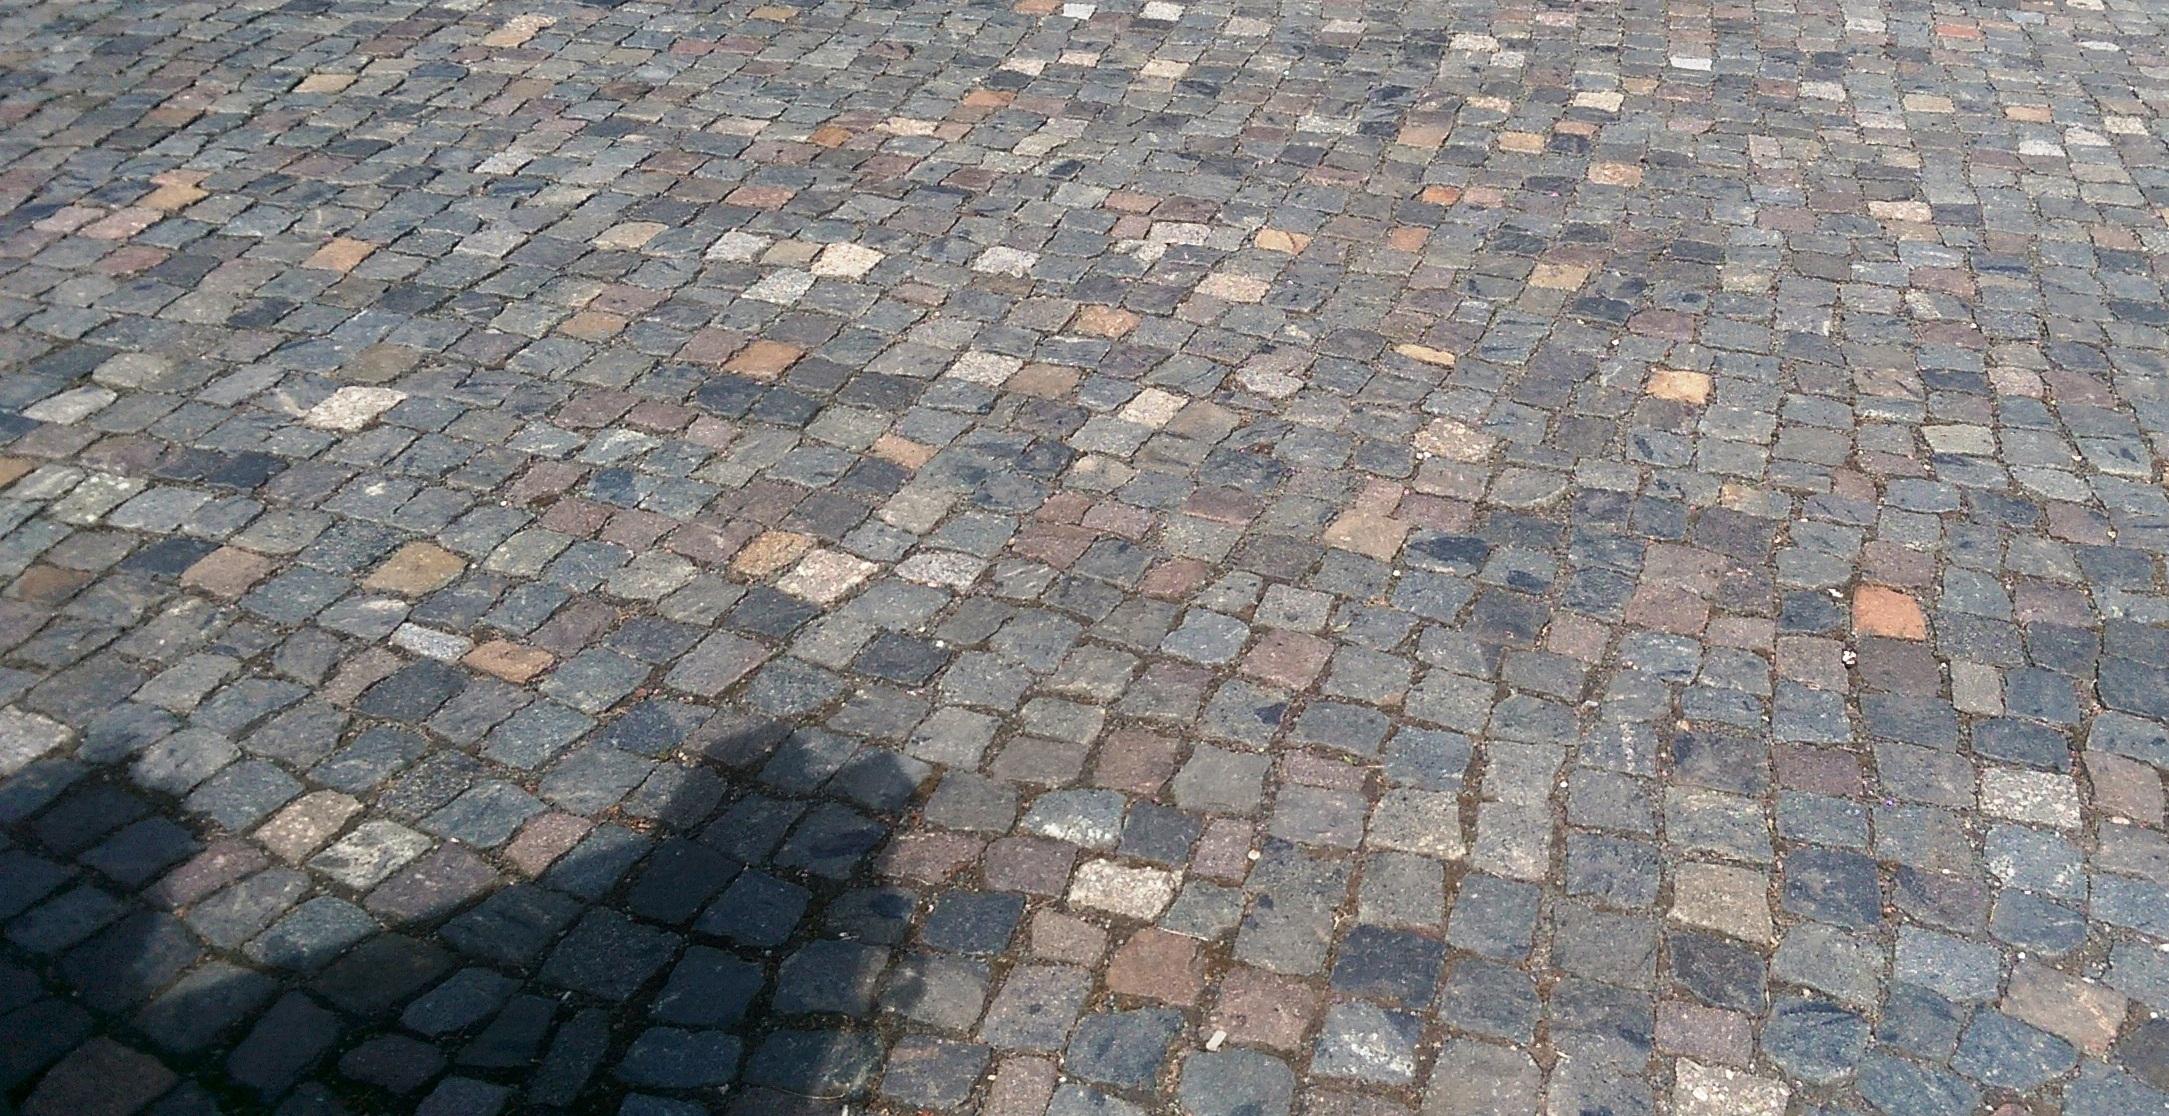 historisches anthrazit-buntes Kleinpflaster aus Granit, Porphyr, Basalt u. a.